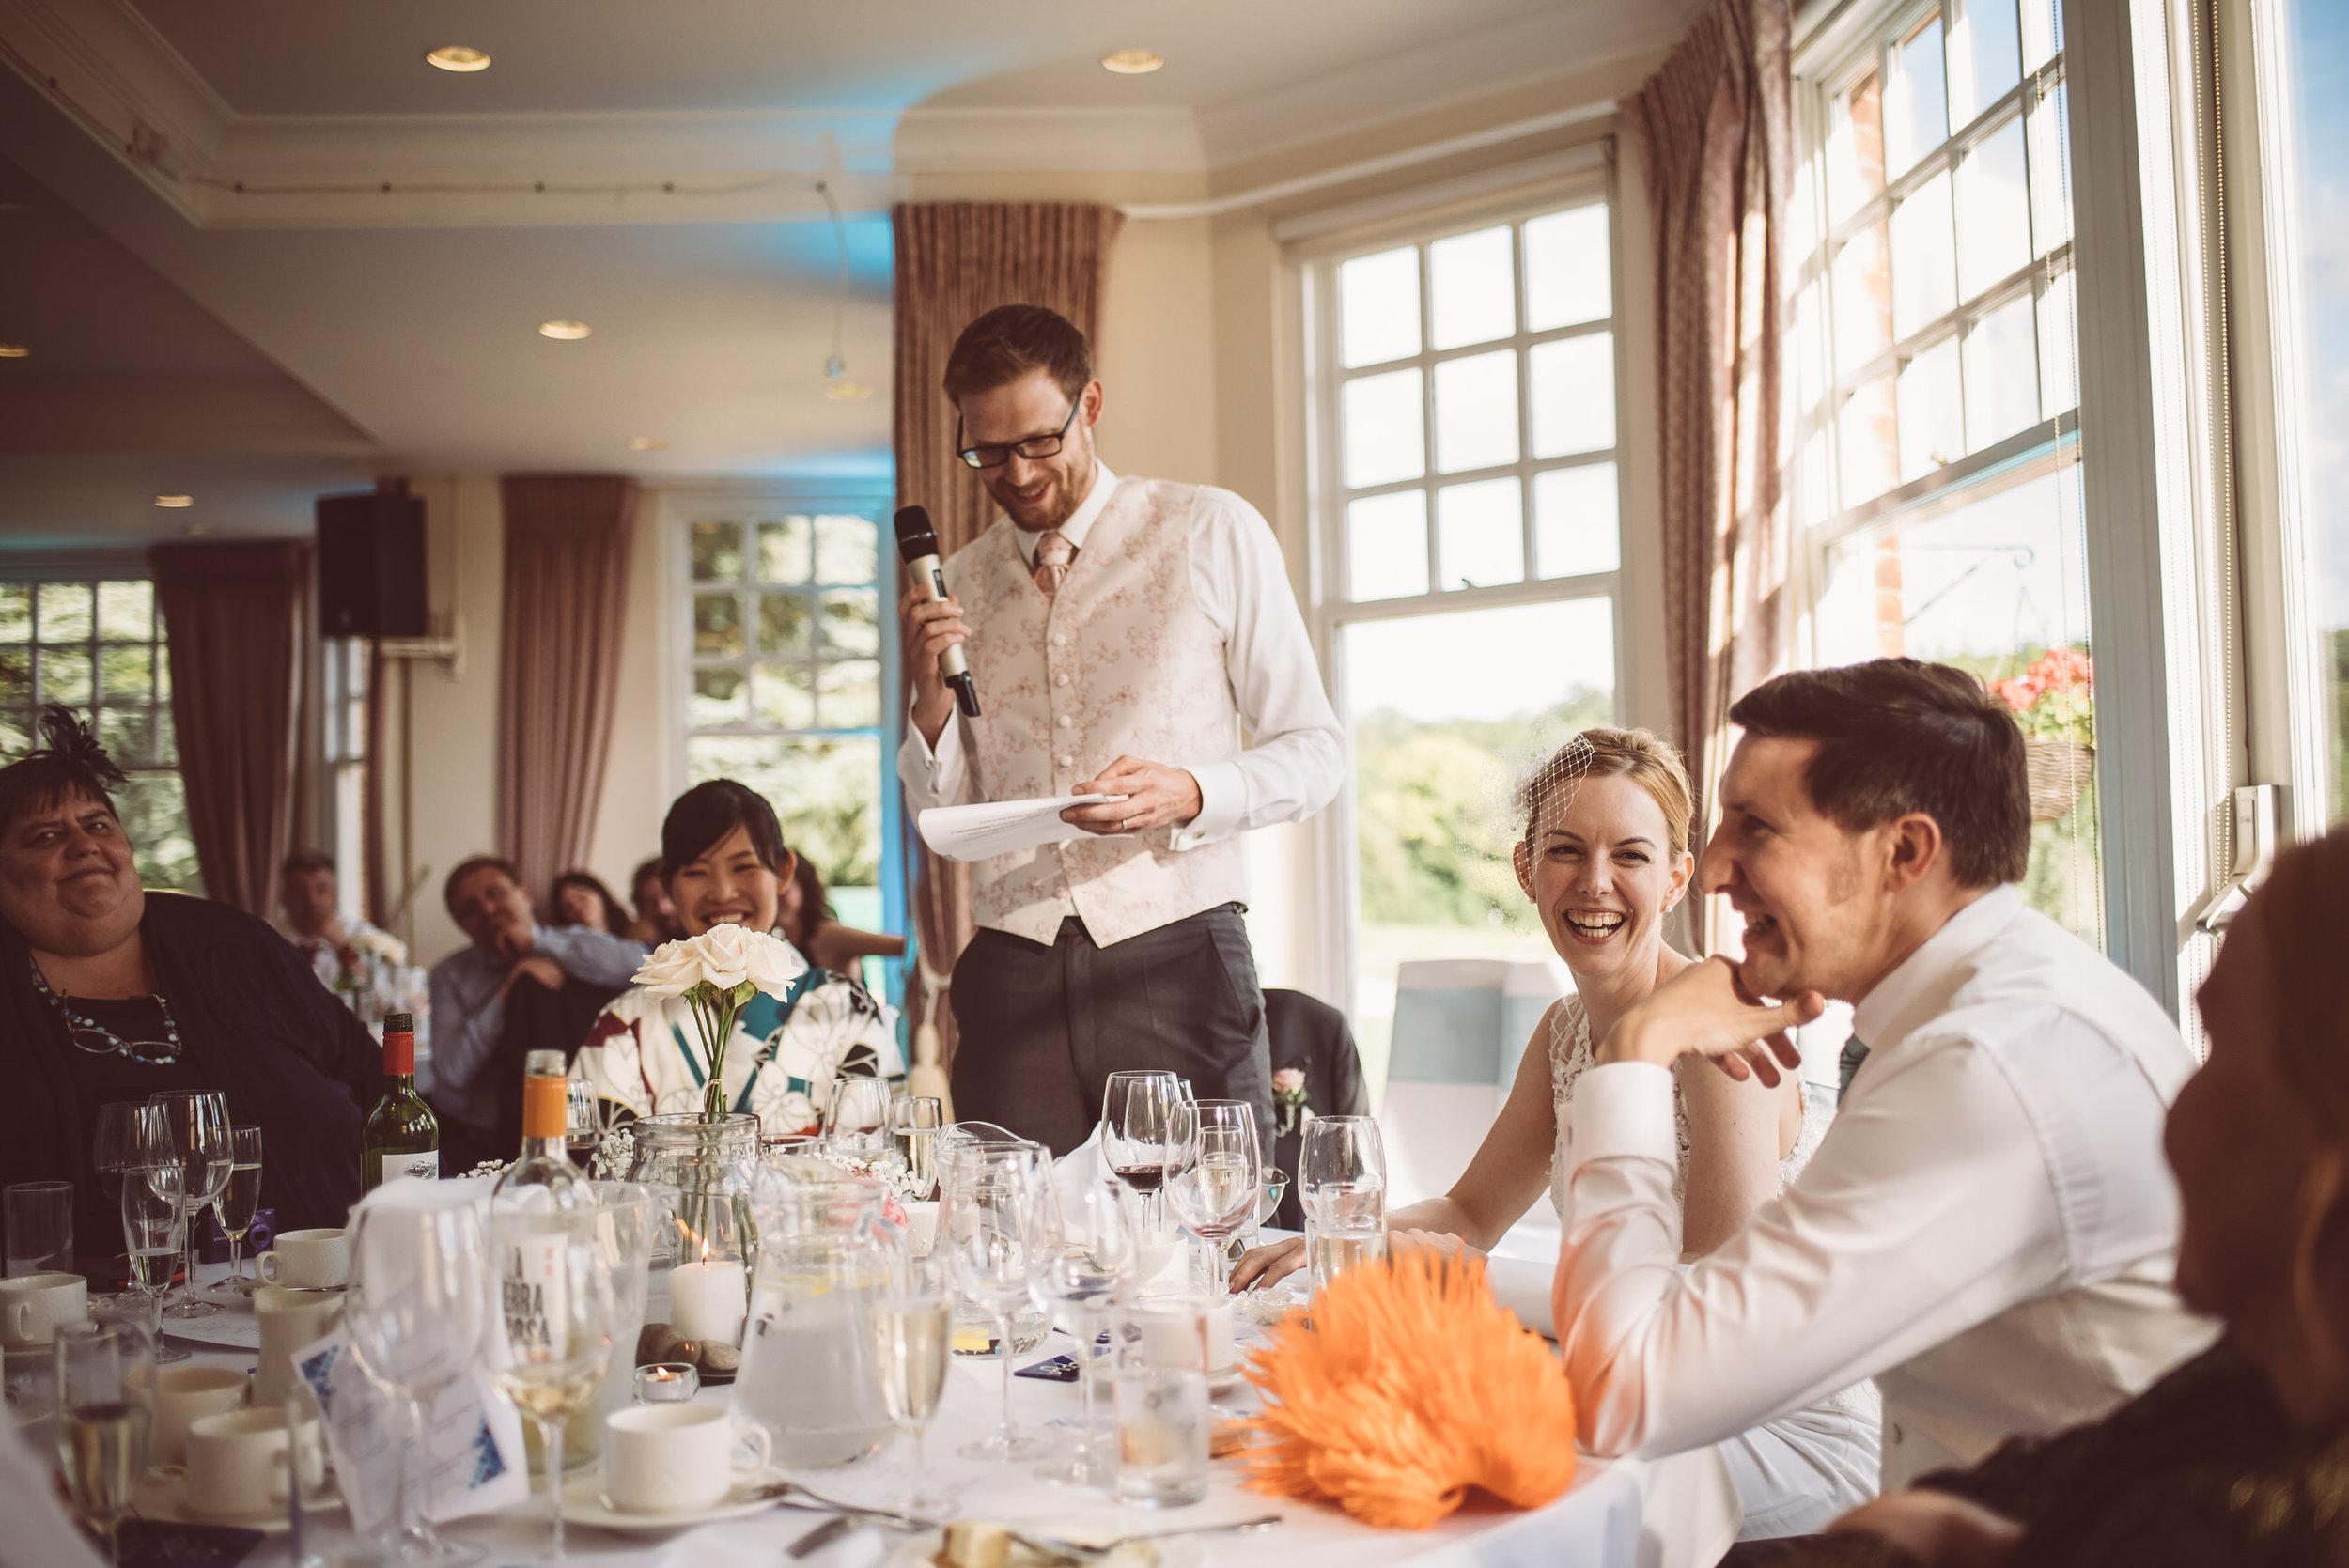 surrey-traditional-country-club-wedding-446.jpg